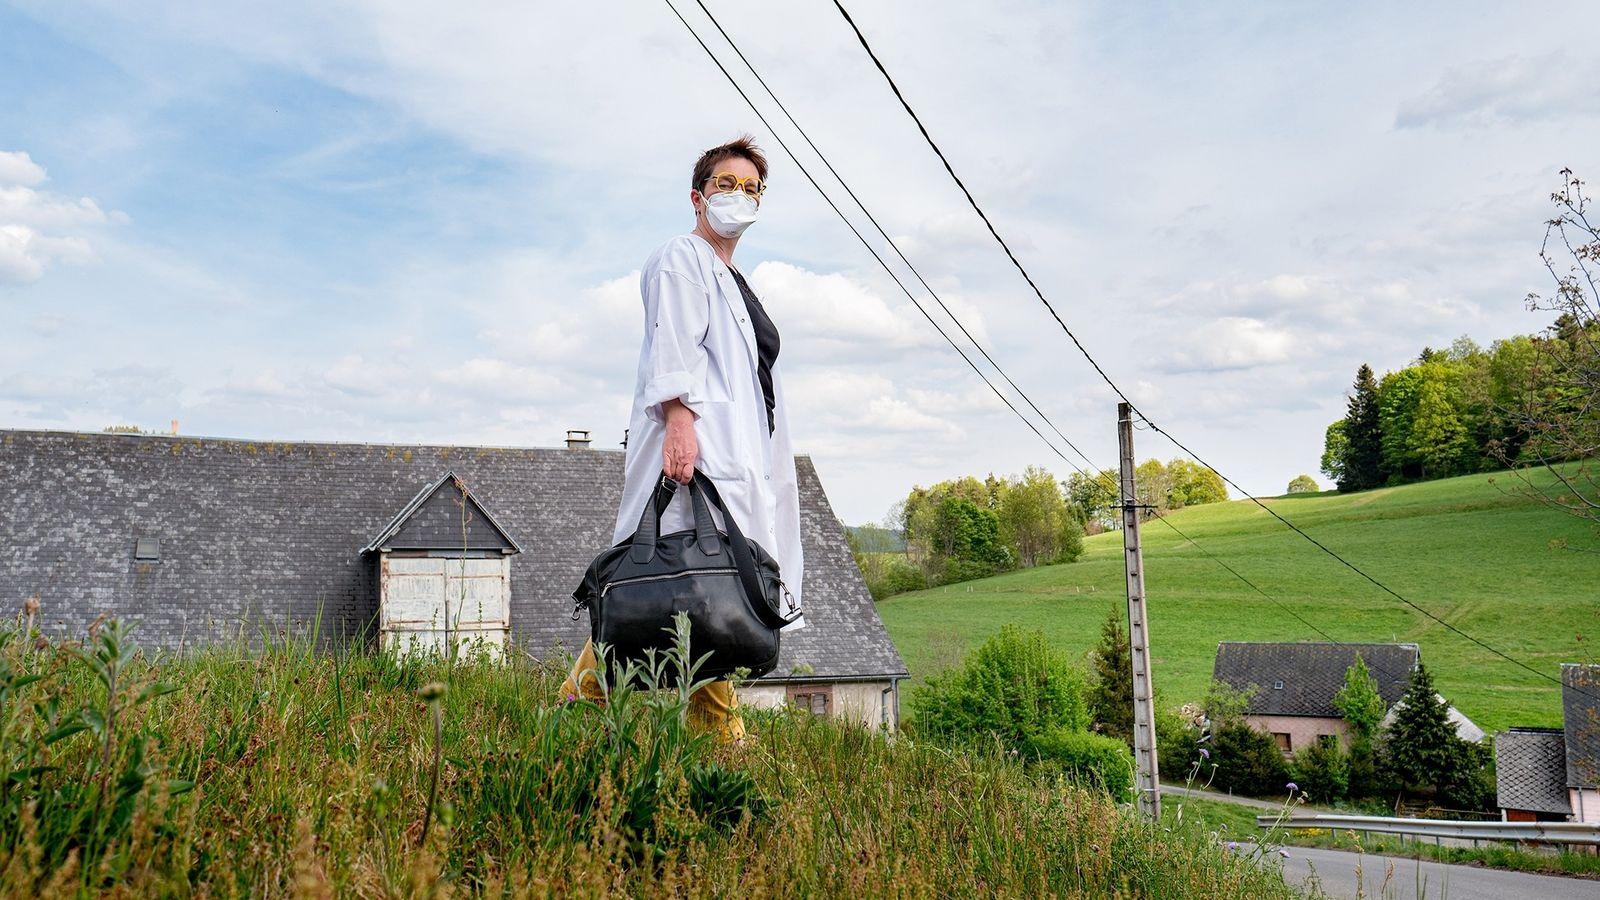 Médecin généraliste au cœur de la région montagneuse reculée de Haute-Alsace, la Dr Dominique Spihlmann est en ...